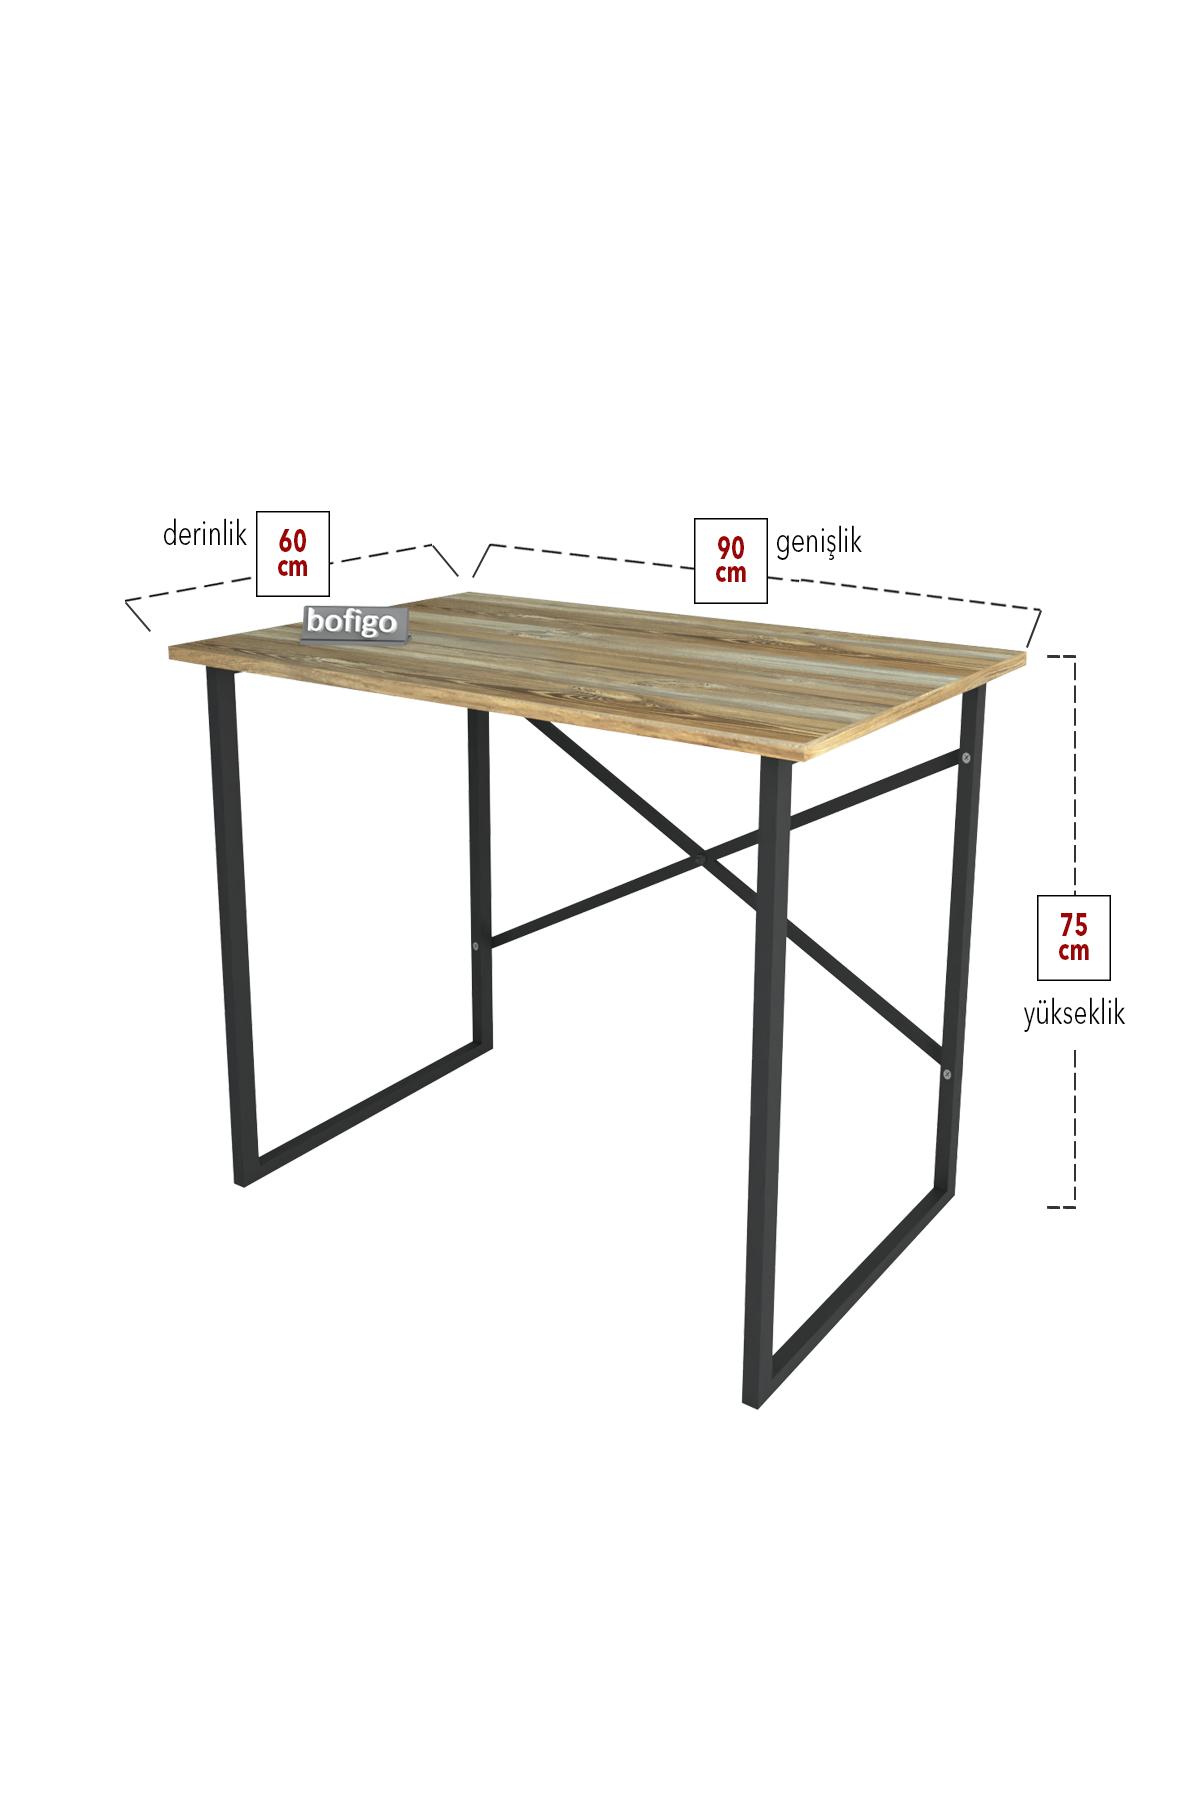 Bofigo Çalışma Masası 60x90 cm Patik